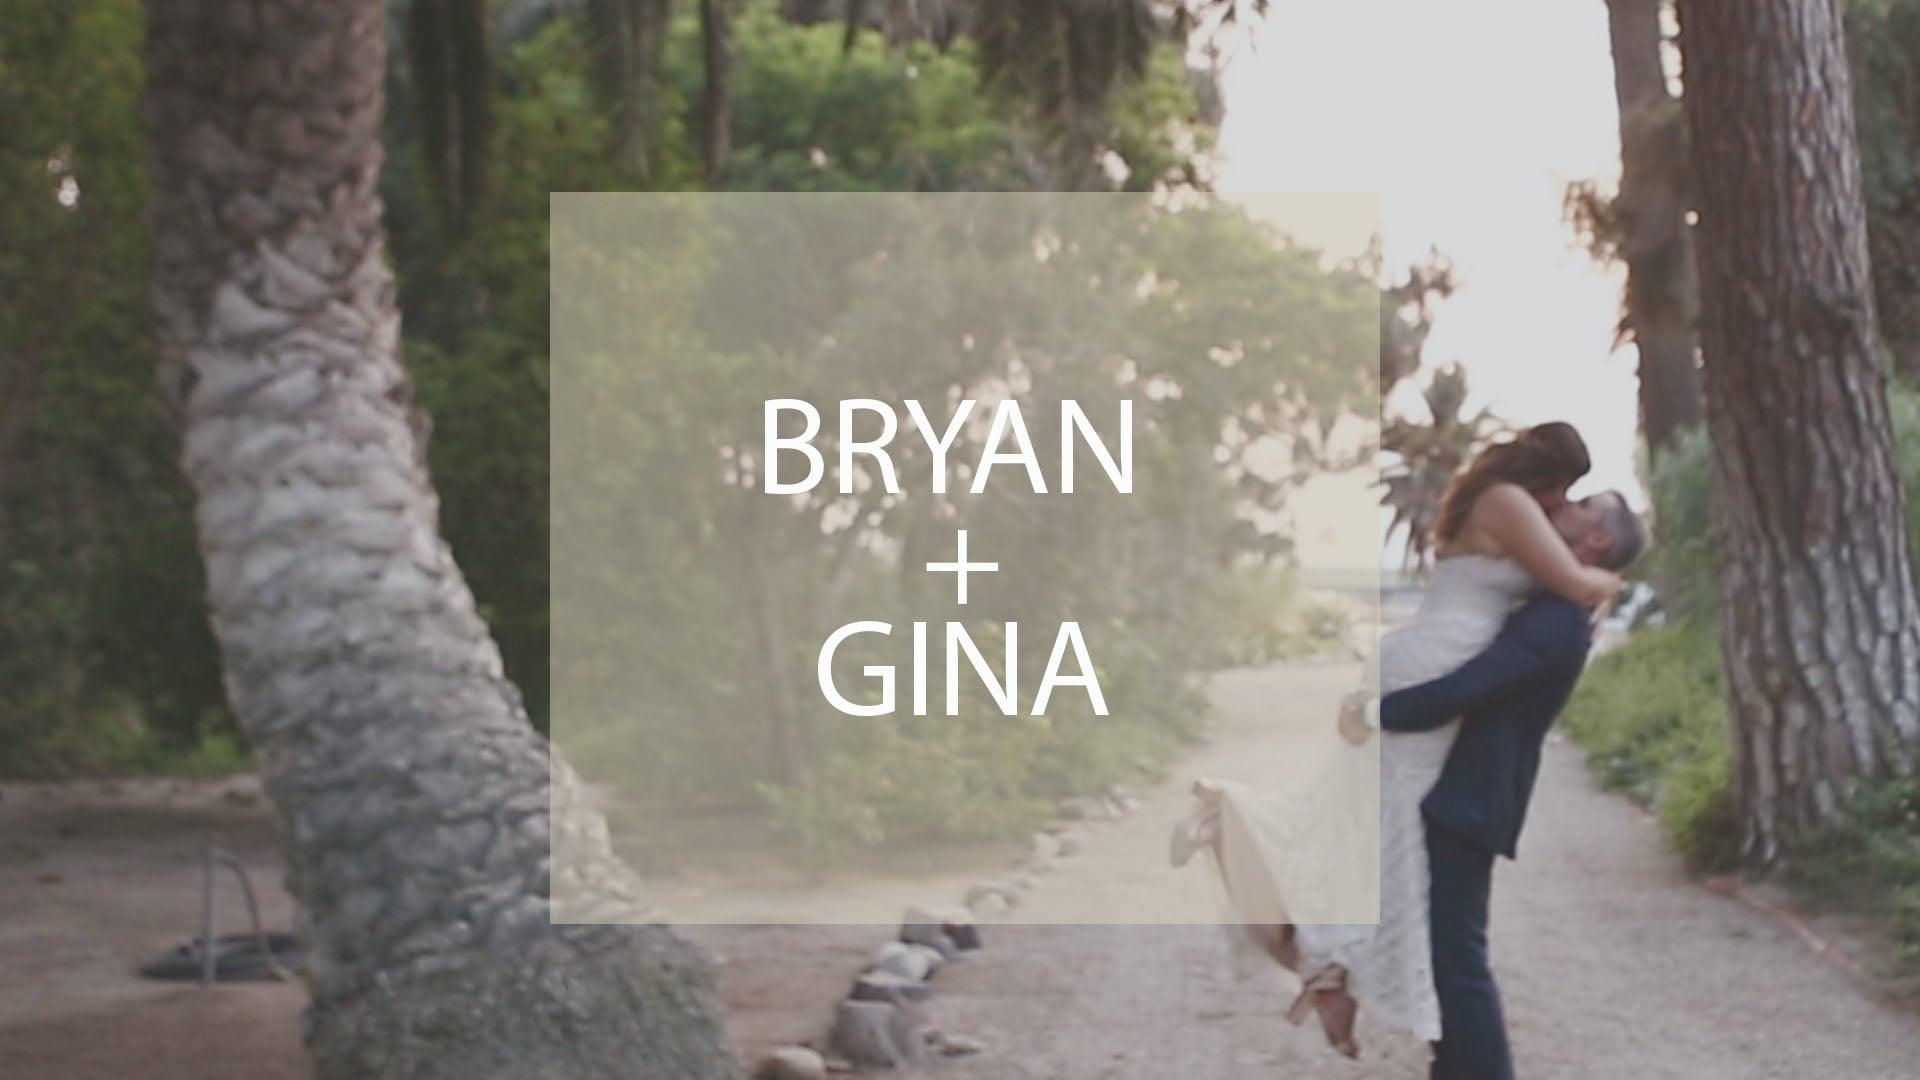 Bryan + Gina